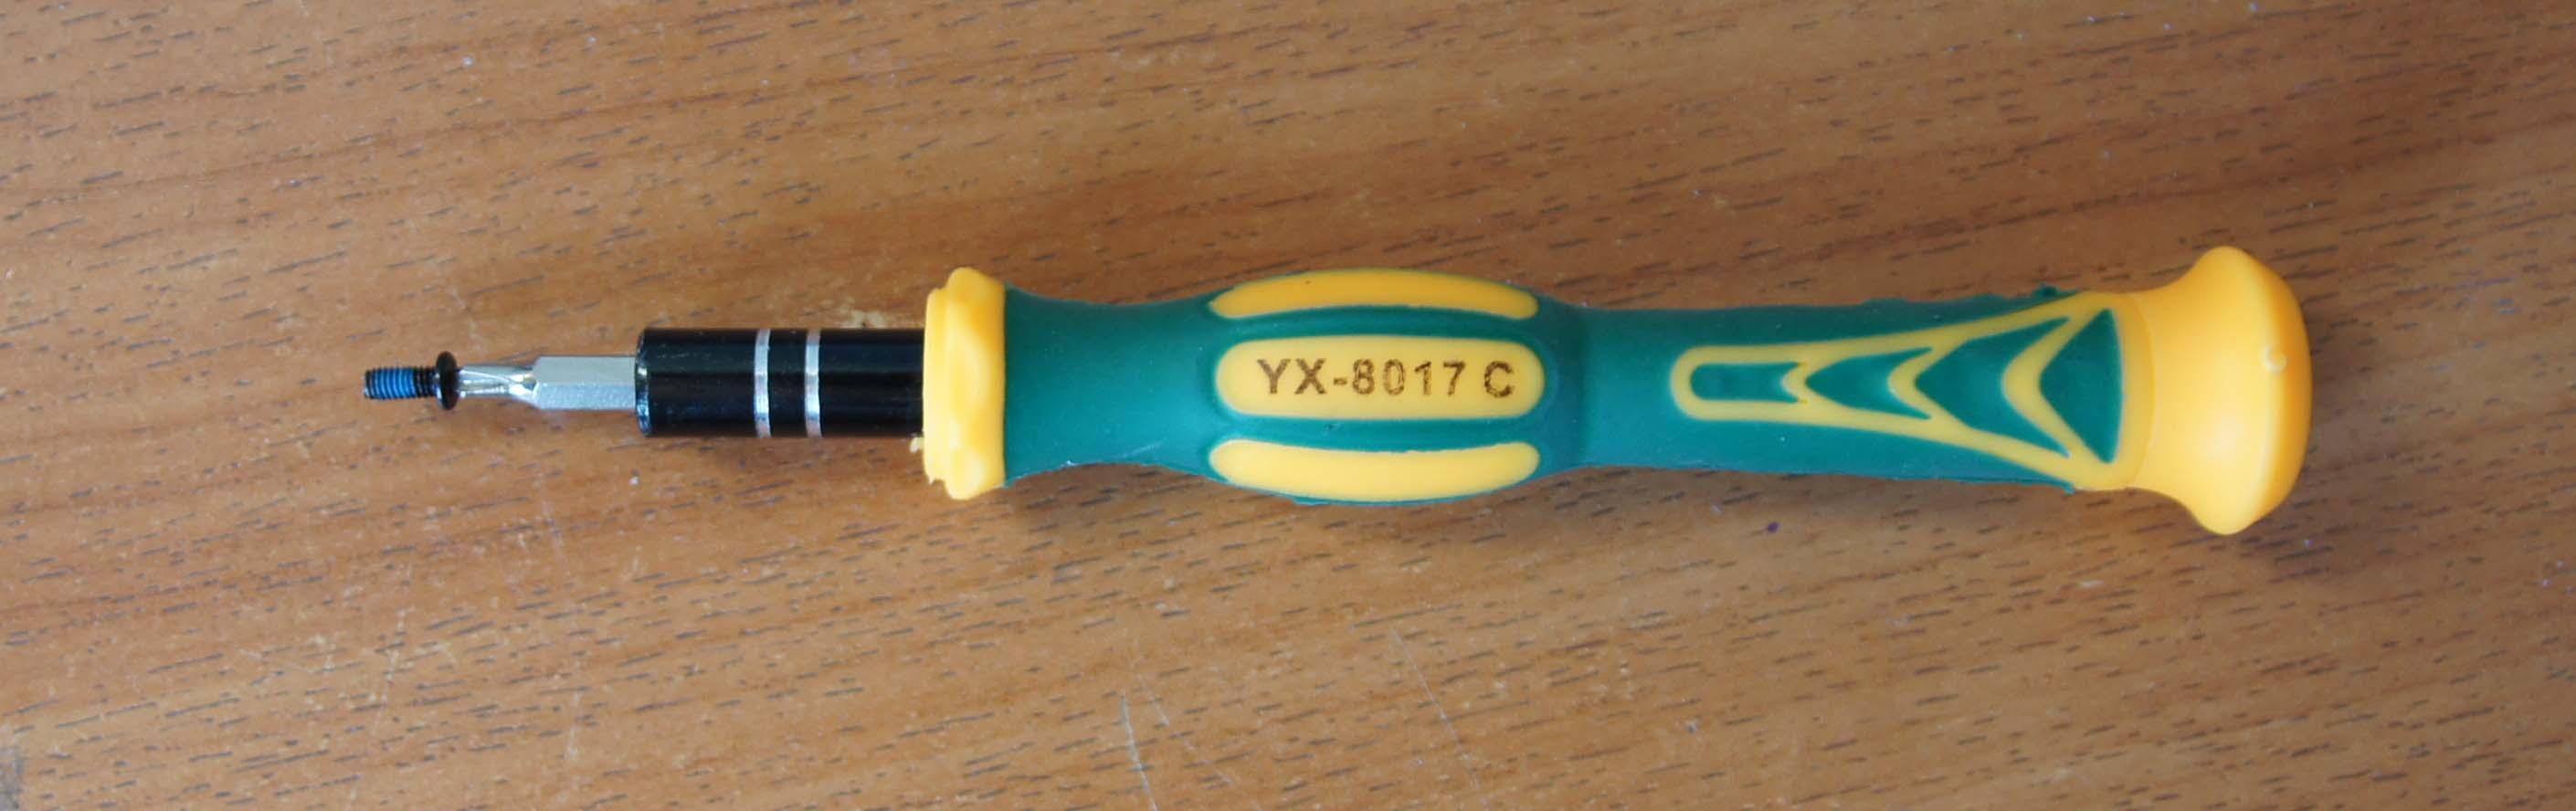 Набор отверток Yaxun Y-8017